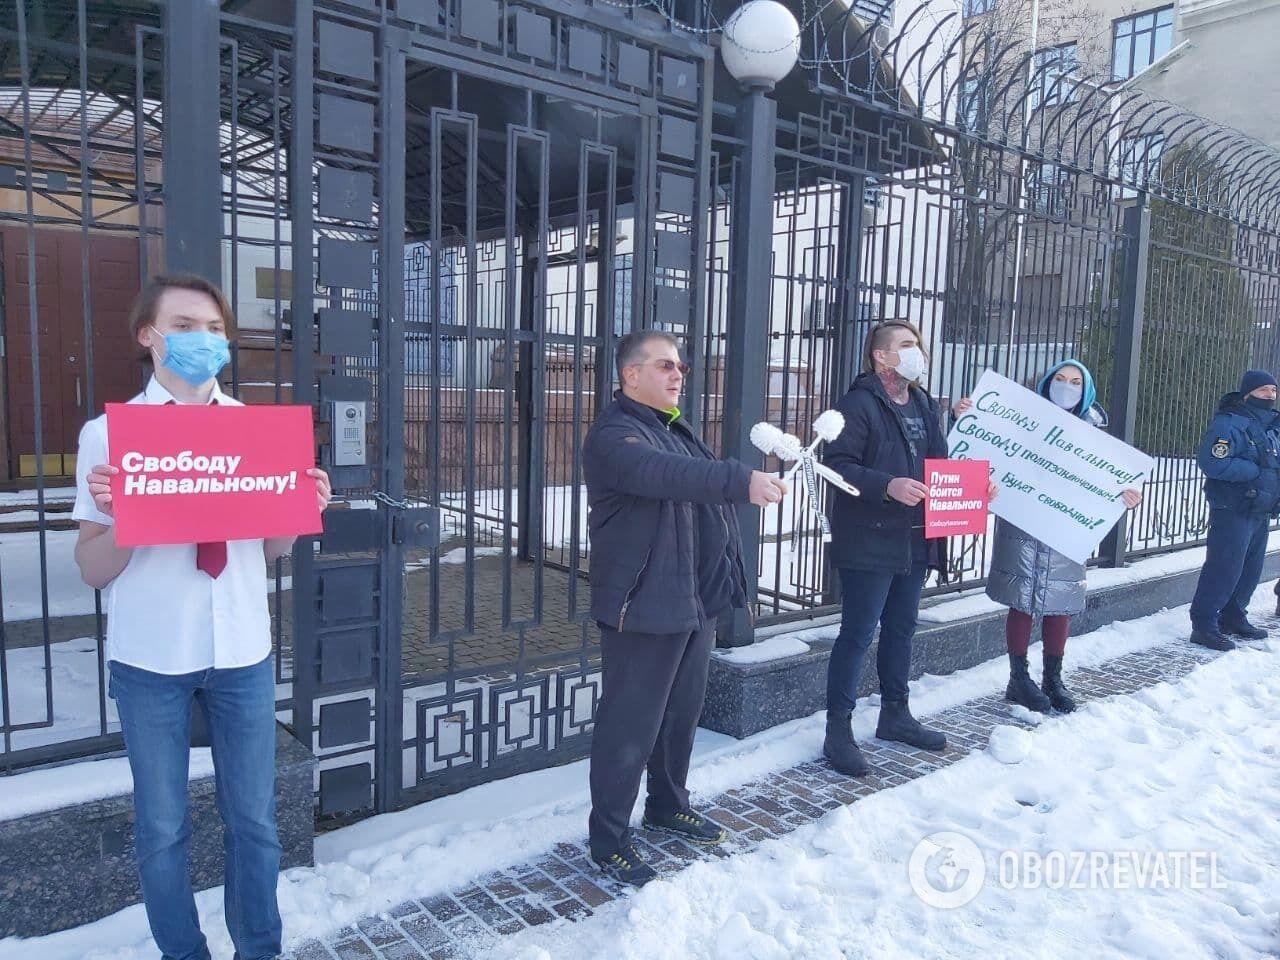 В Киеве поддержали оппозиционера Навального